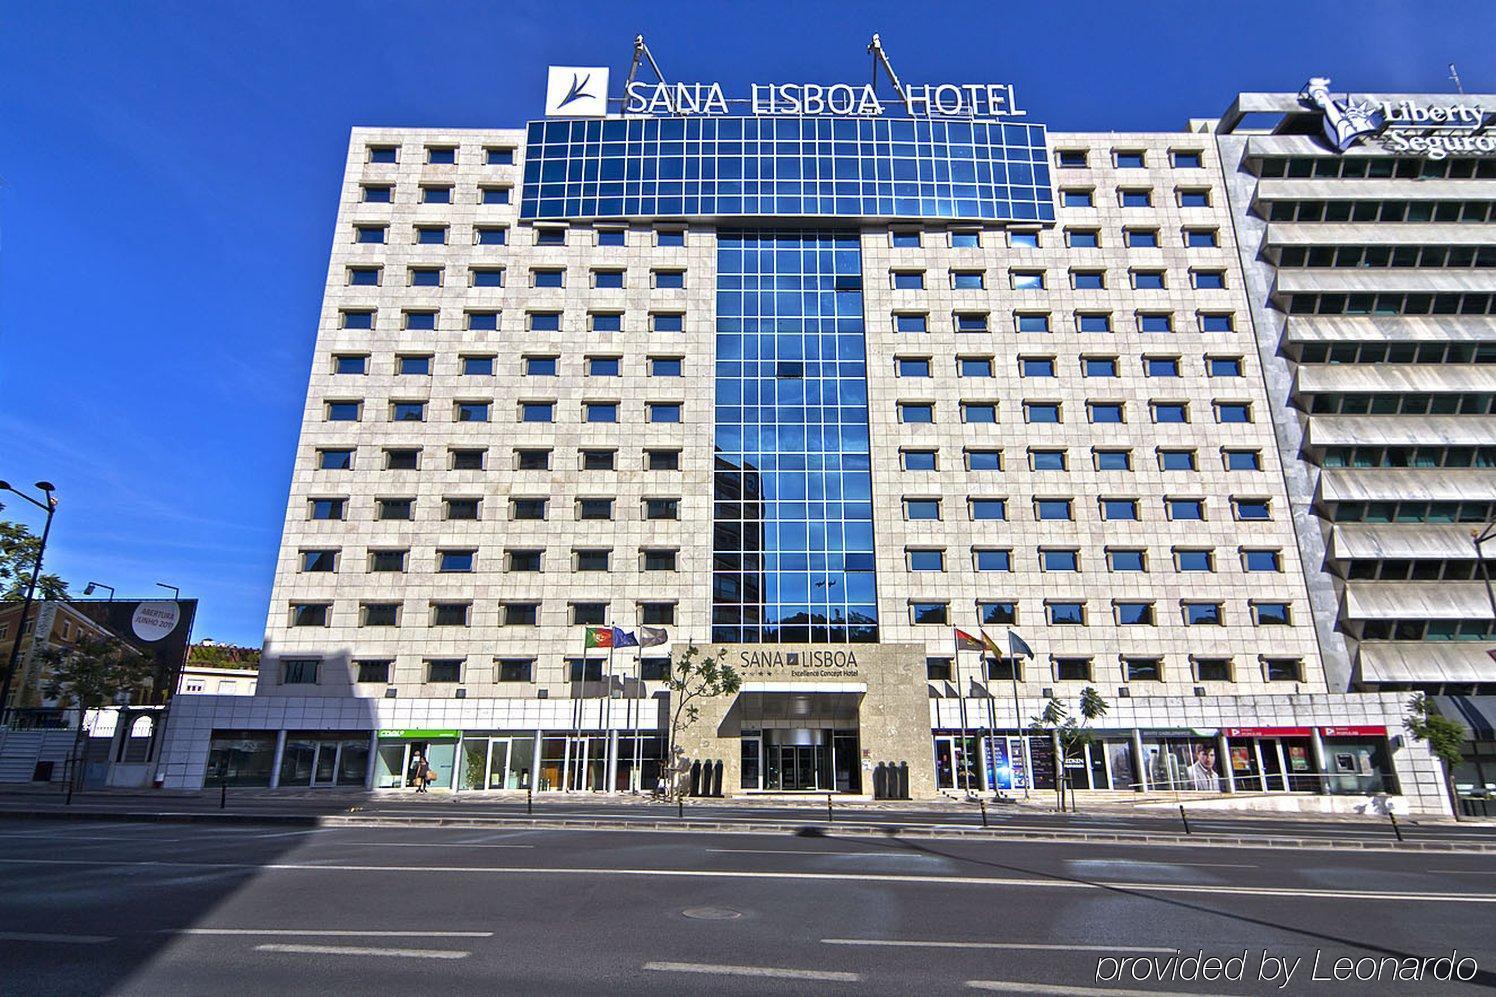 Hotel Sana Lisbona